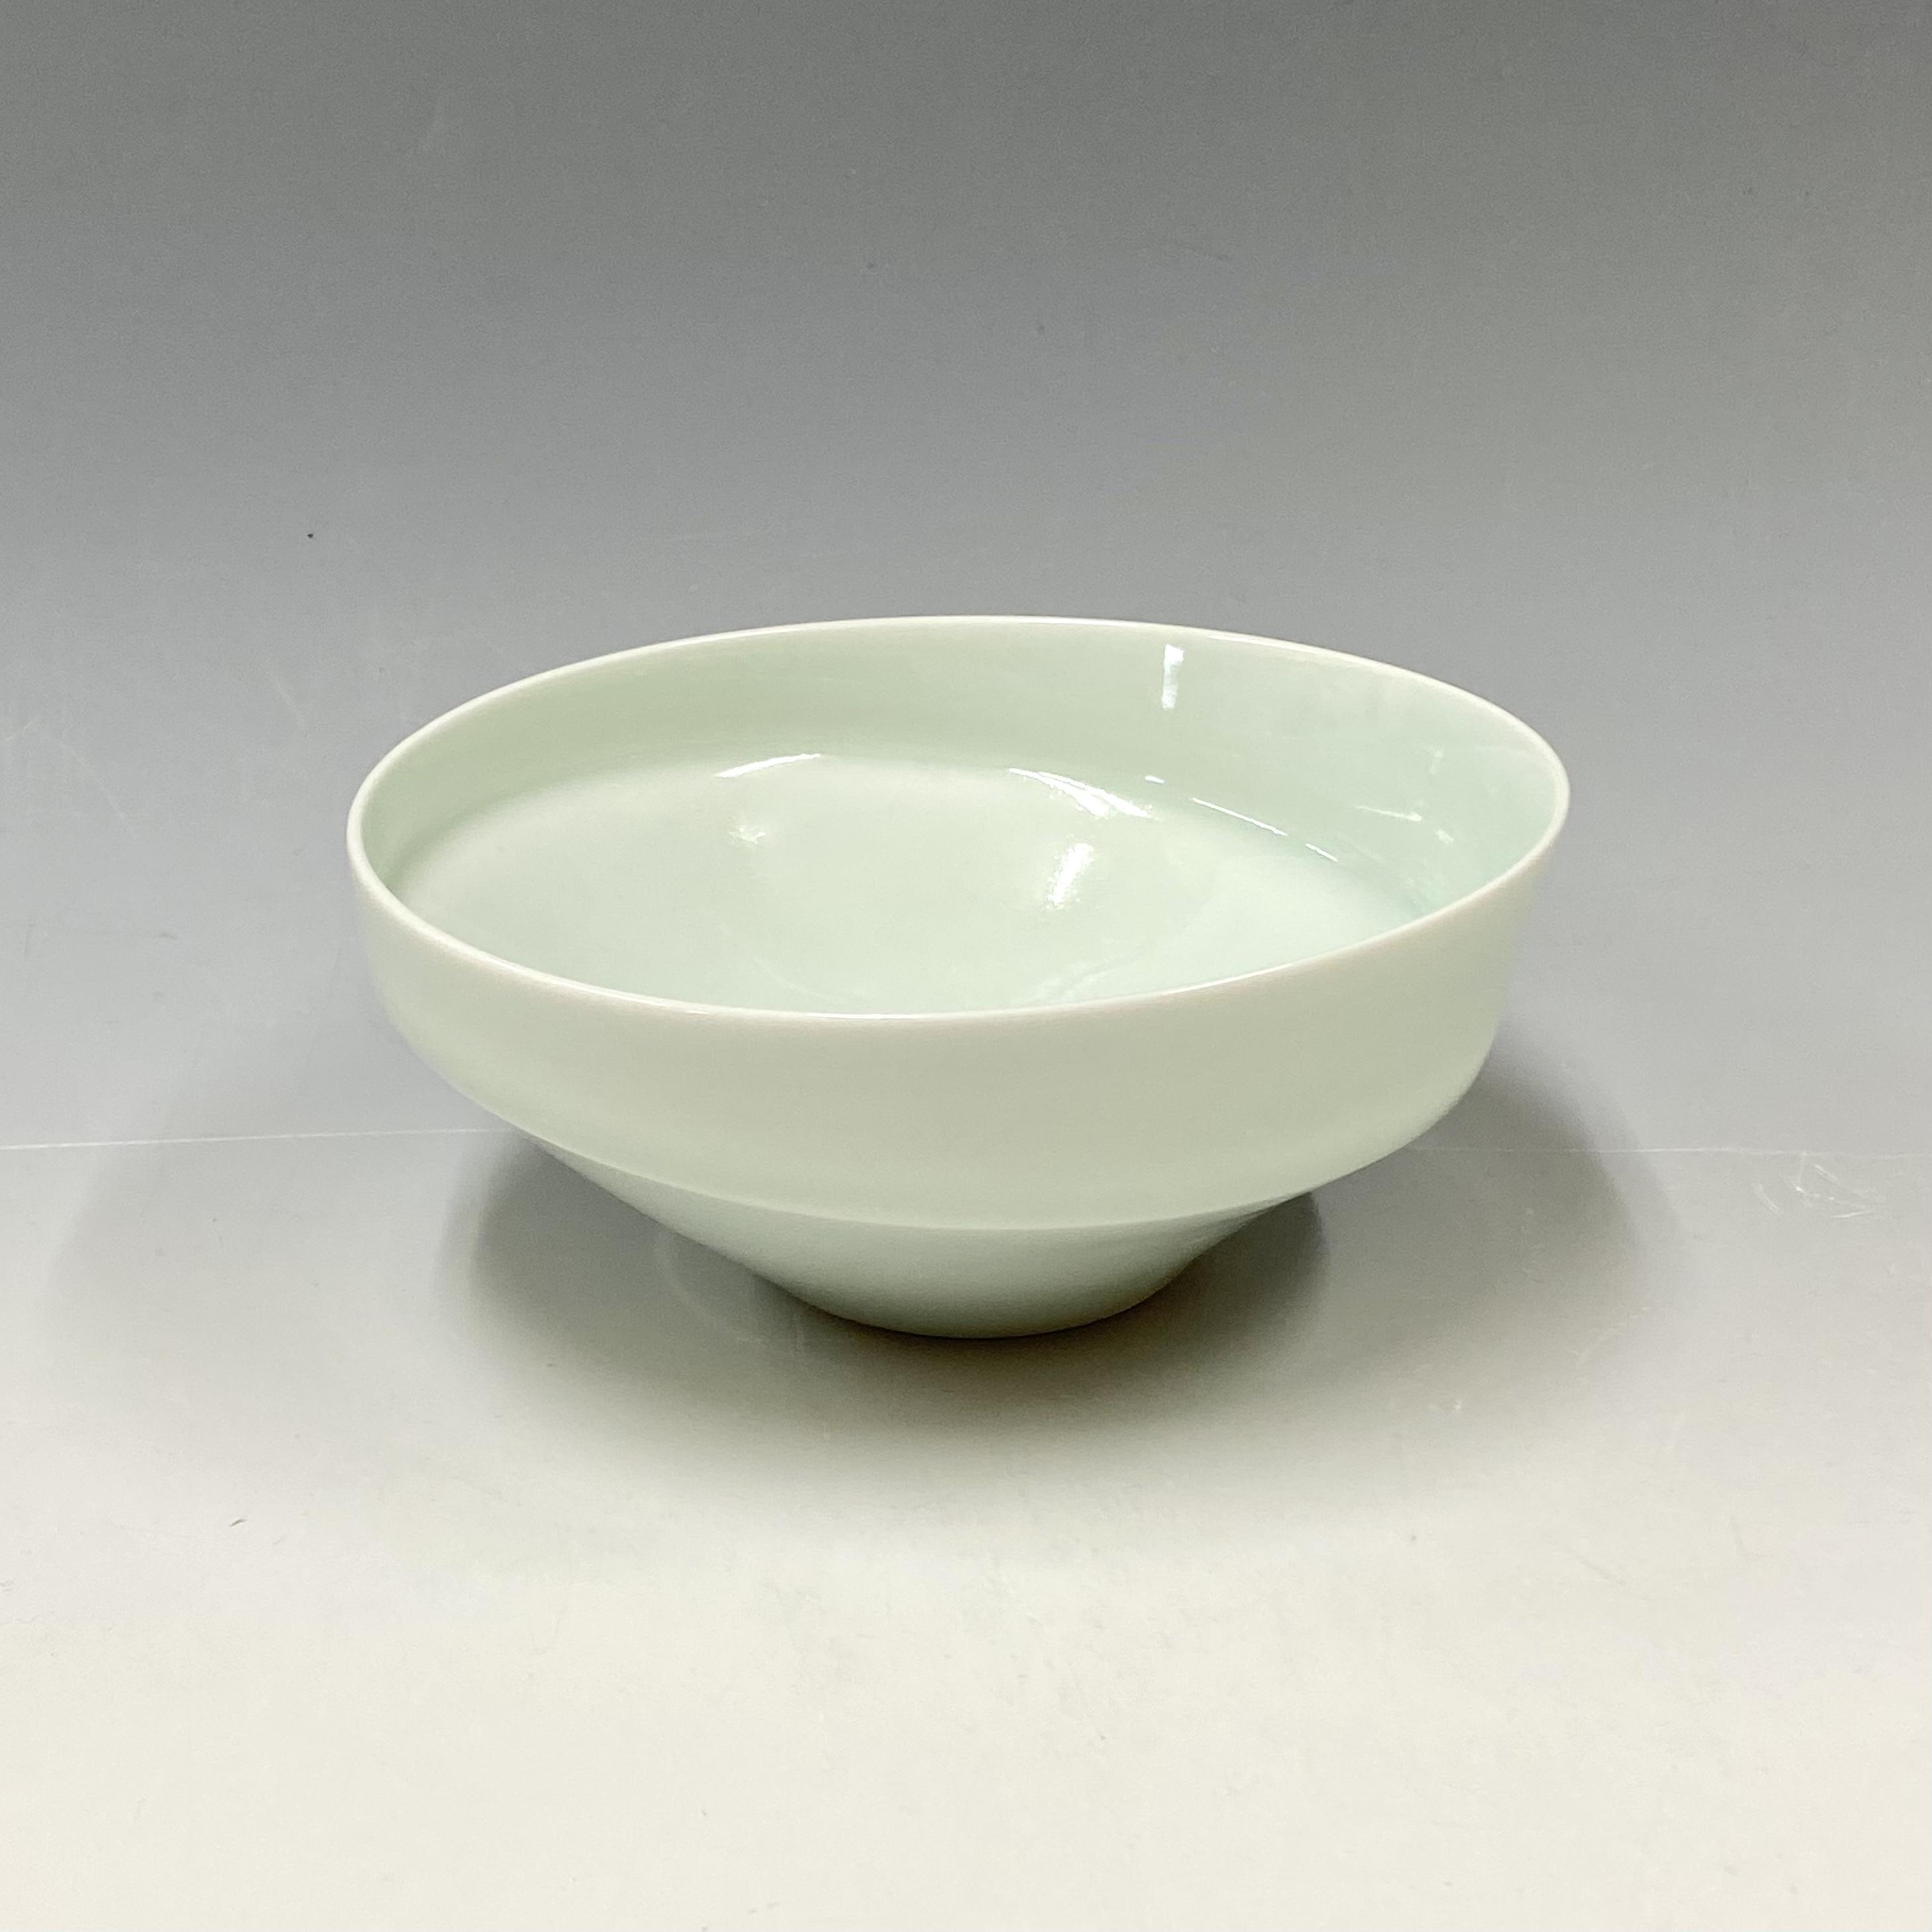 【中尾純】青白磁鉢(小•深)